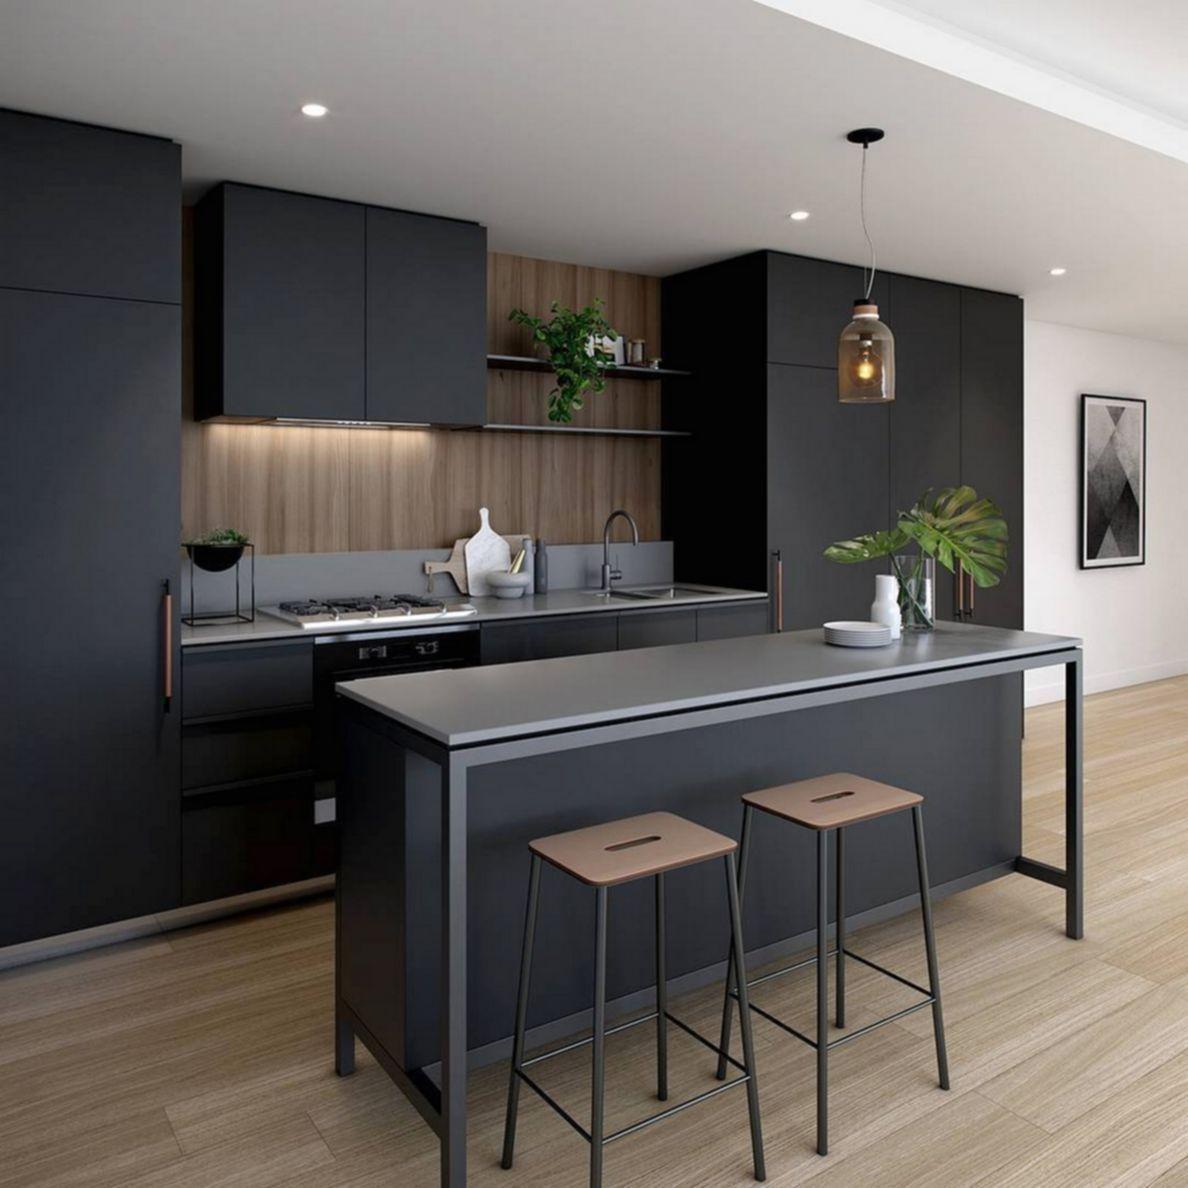 deco cuisine moderne noir et bois